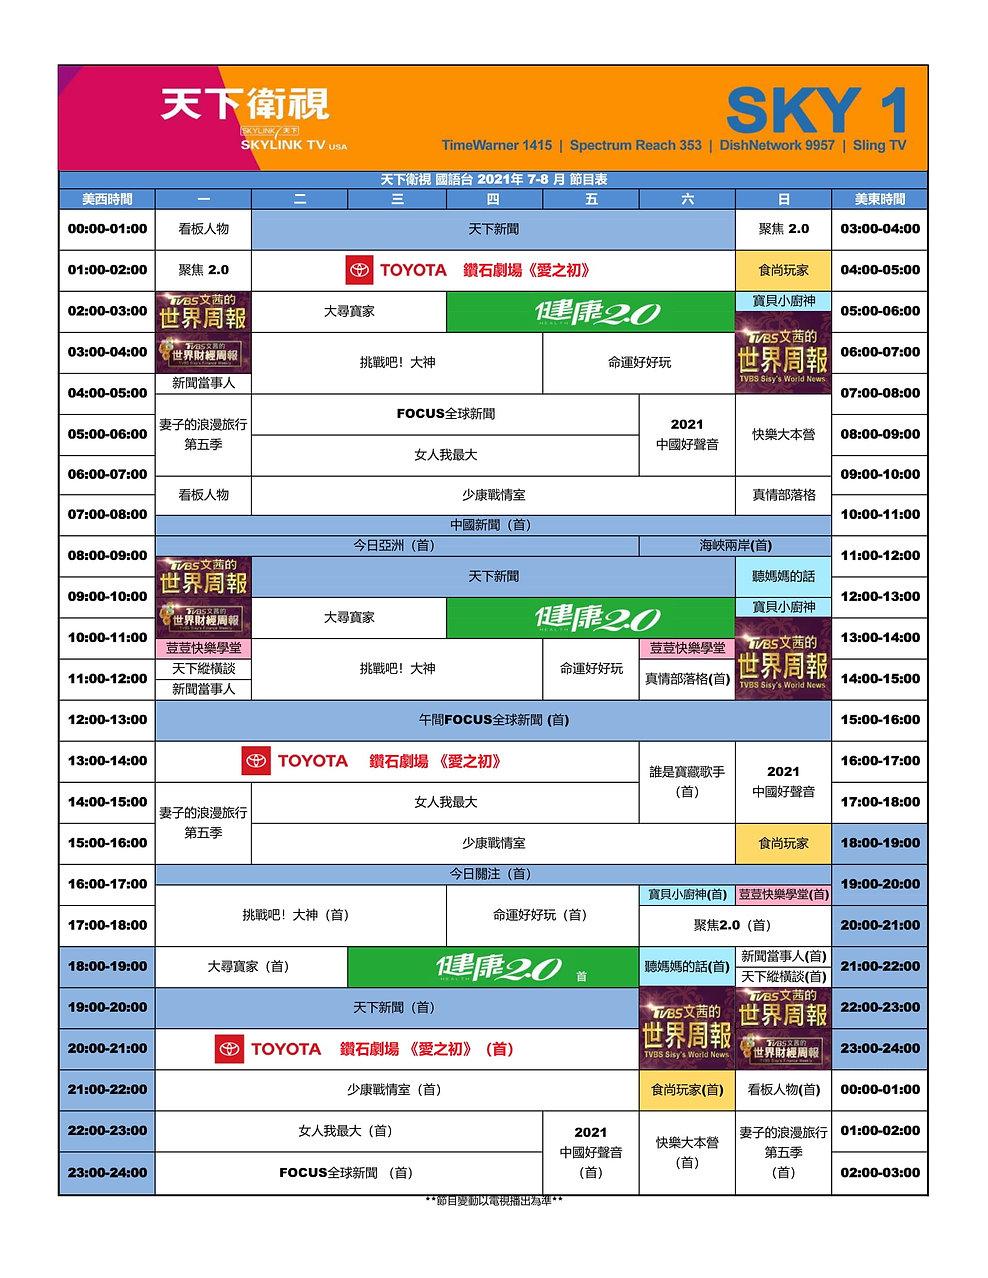 2021年7-8月國語台節目表-1.jpg